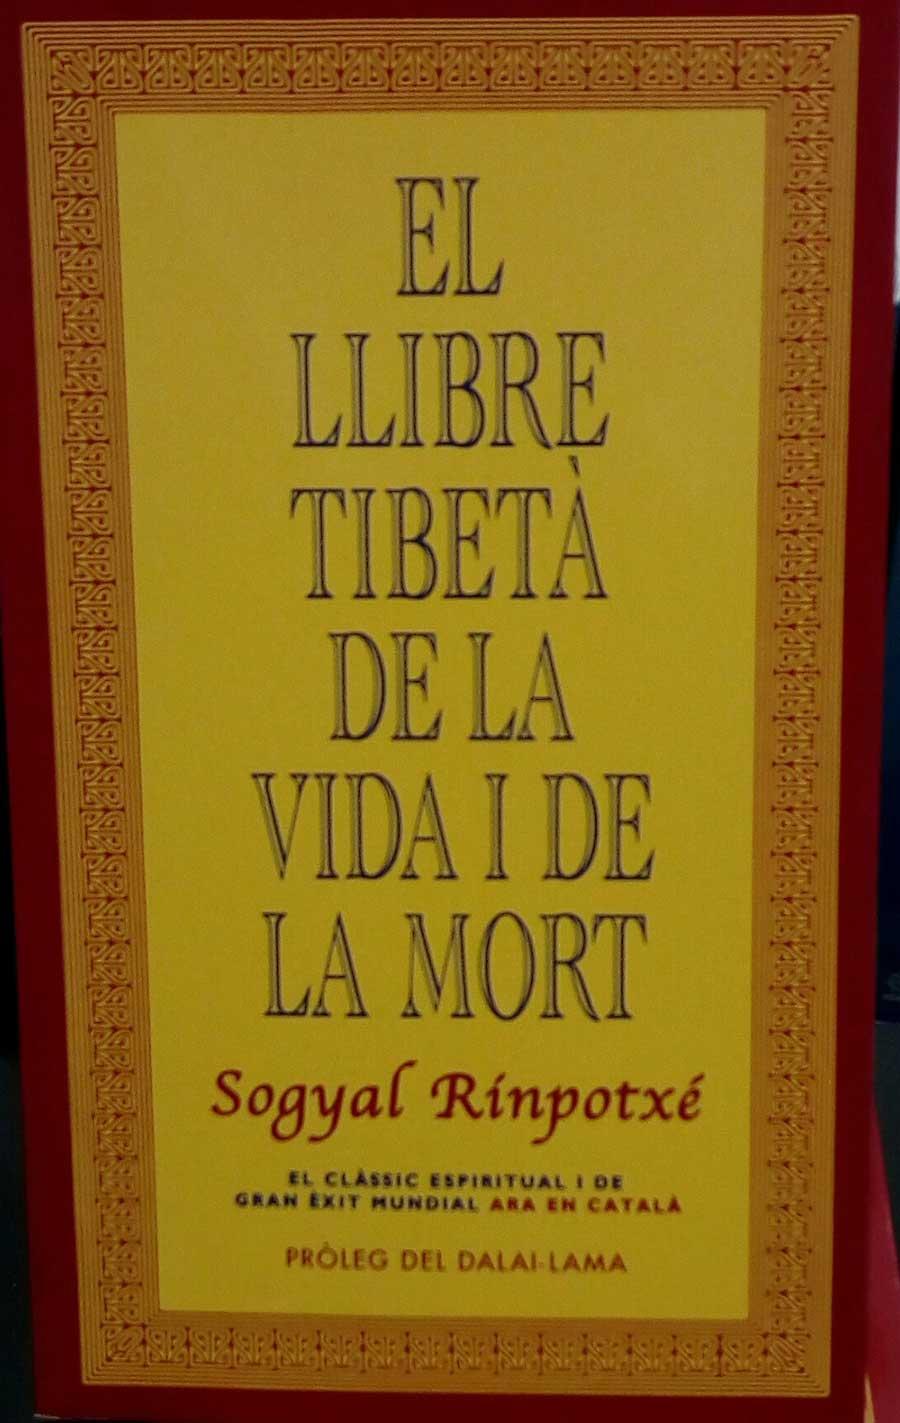 El Libro Tibetano De Los Muertos O Bhardo Todol Funeral Natural